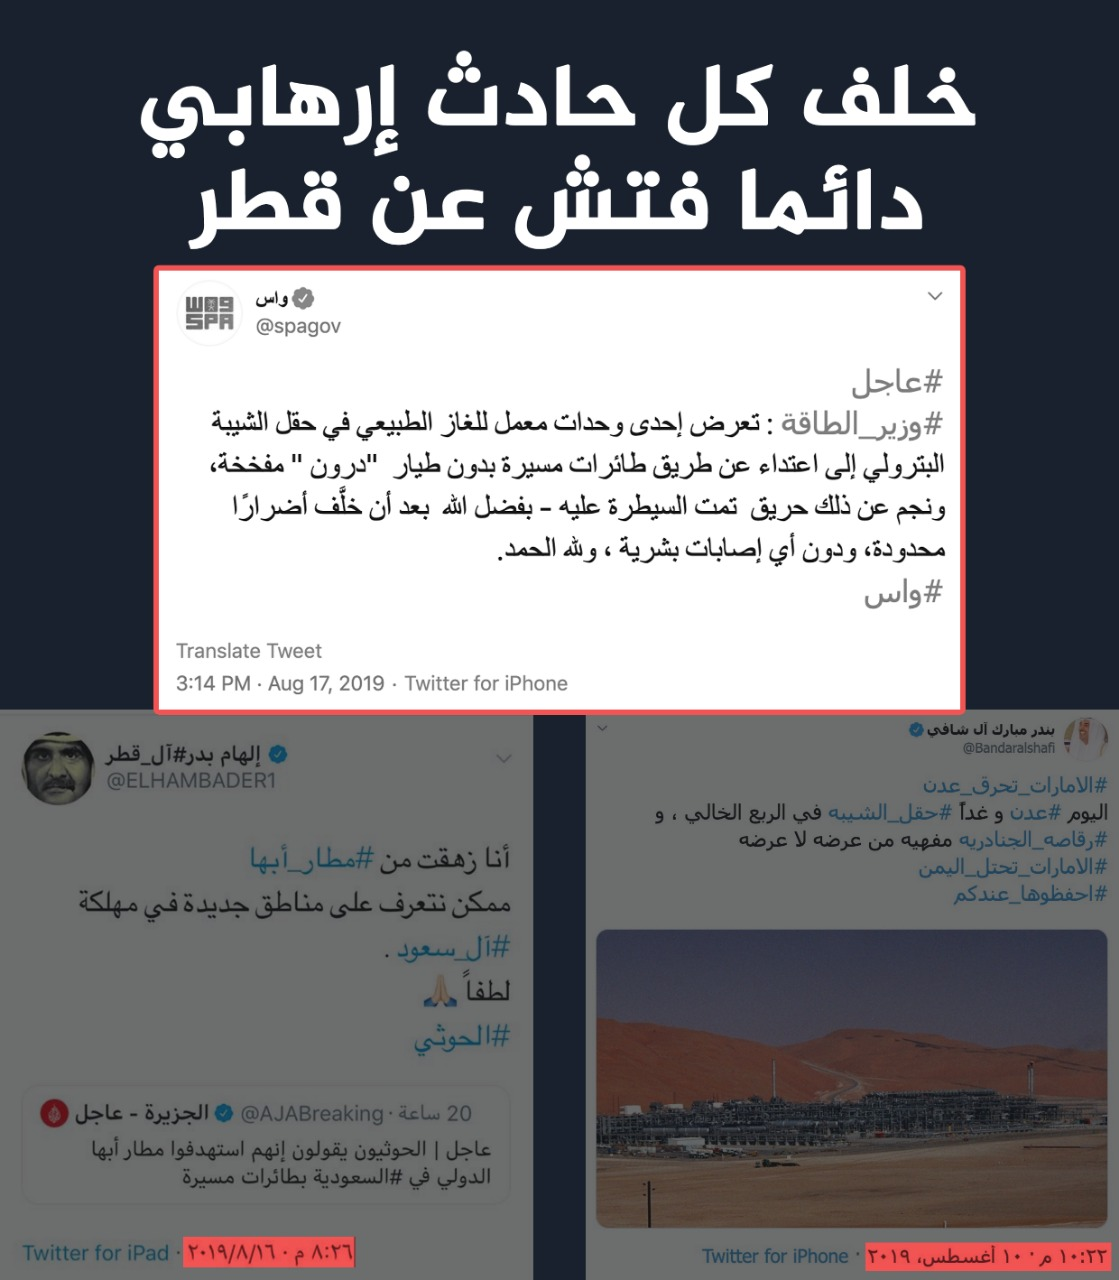 خلف كل حدث إرهابي ستجد #قطر